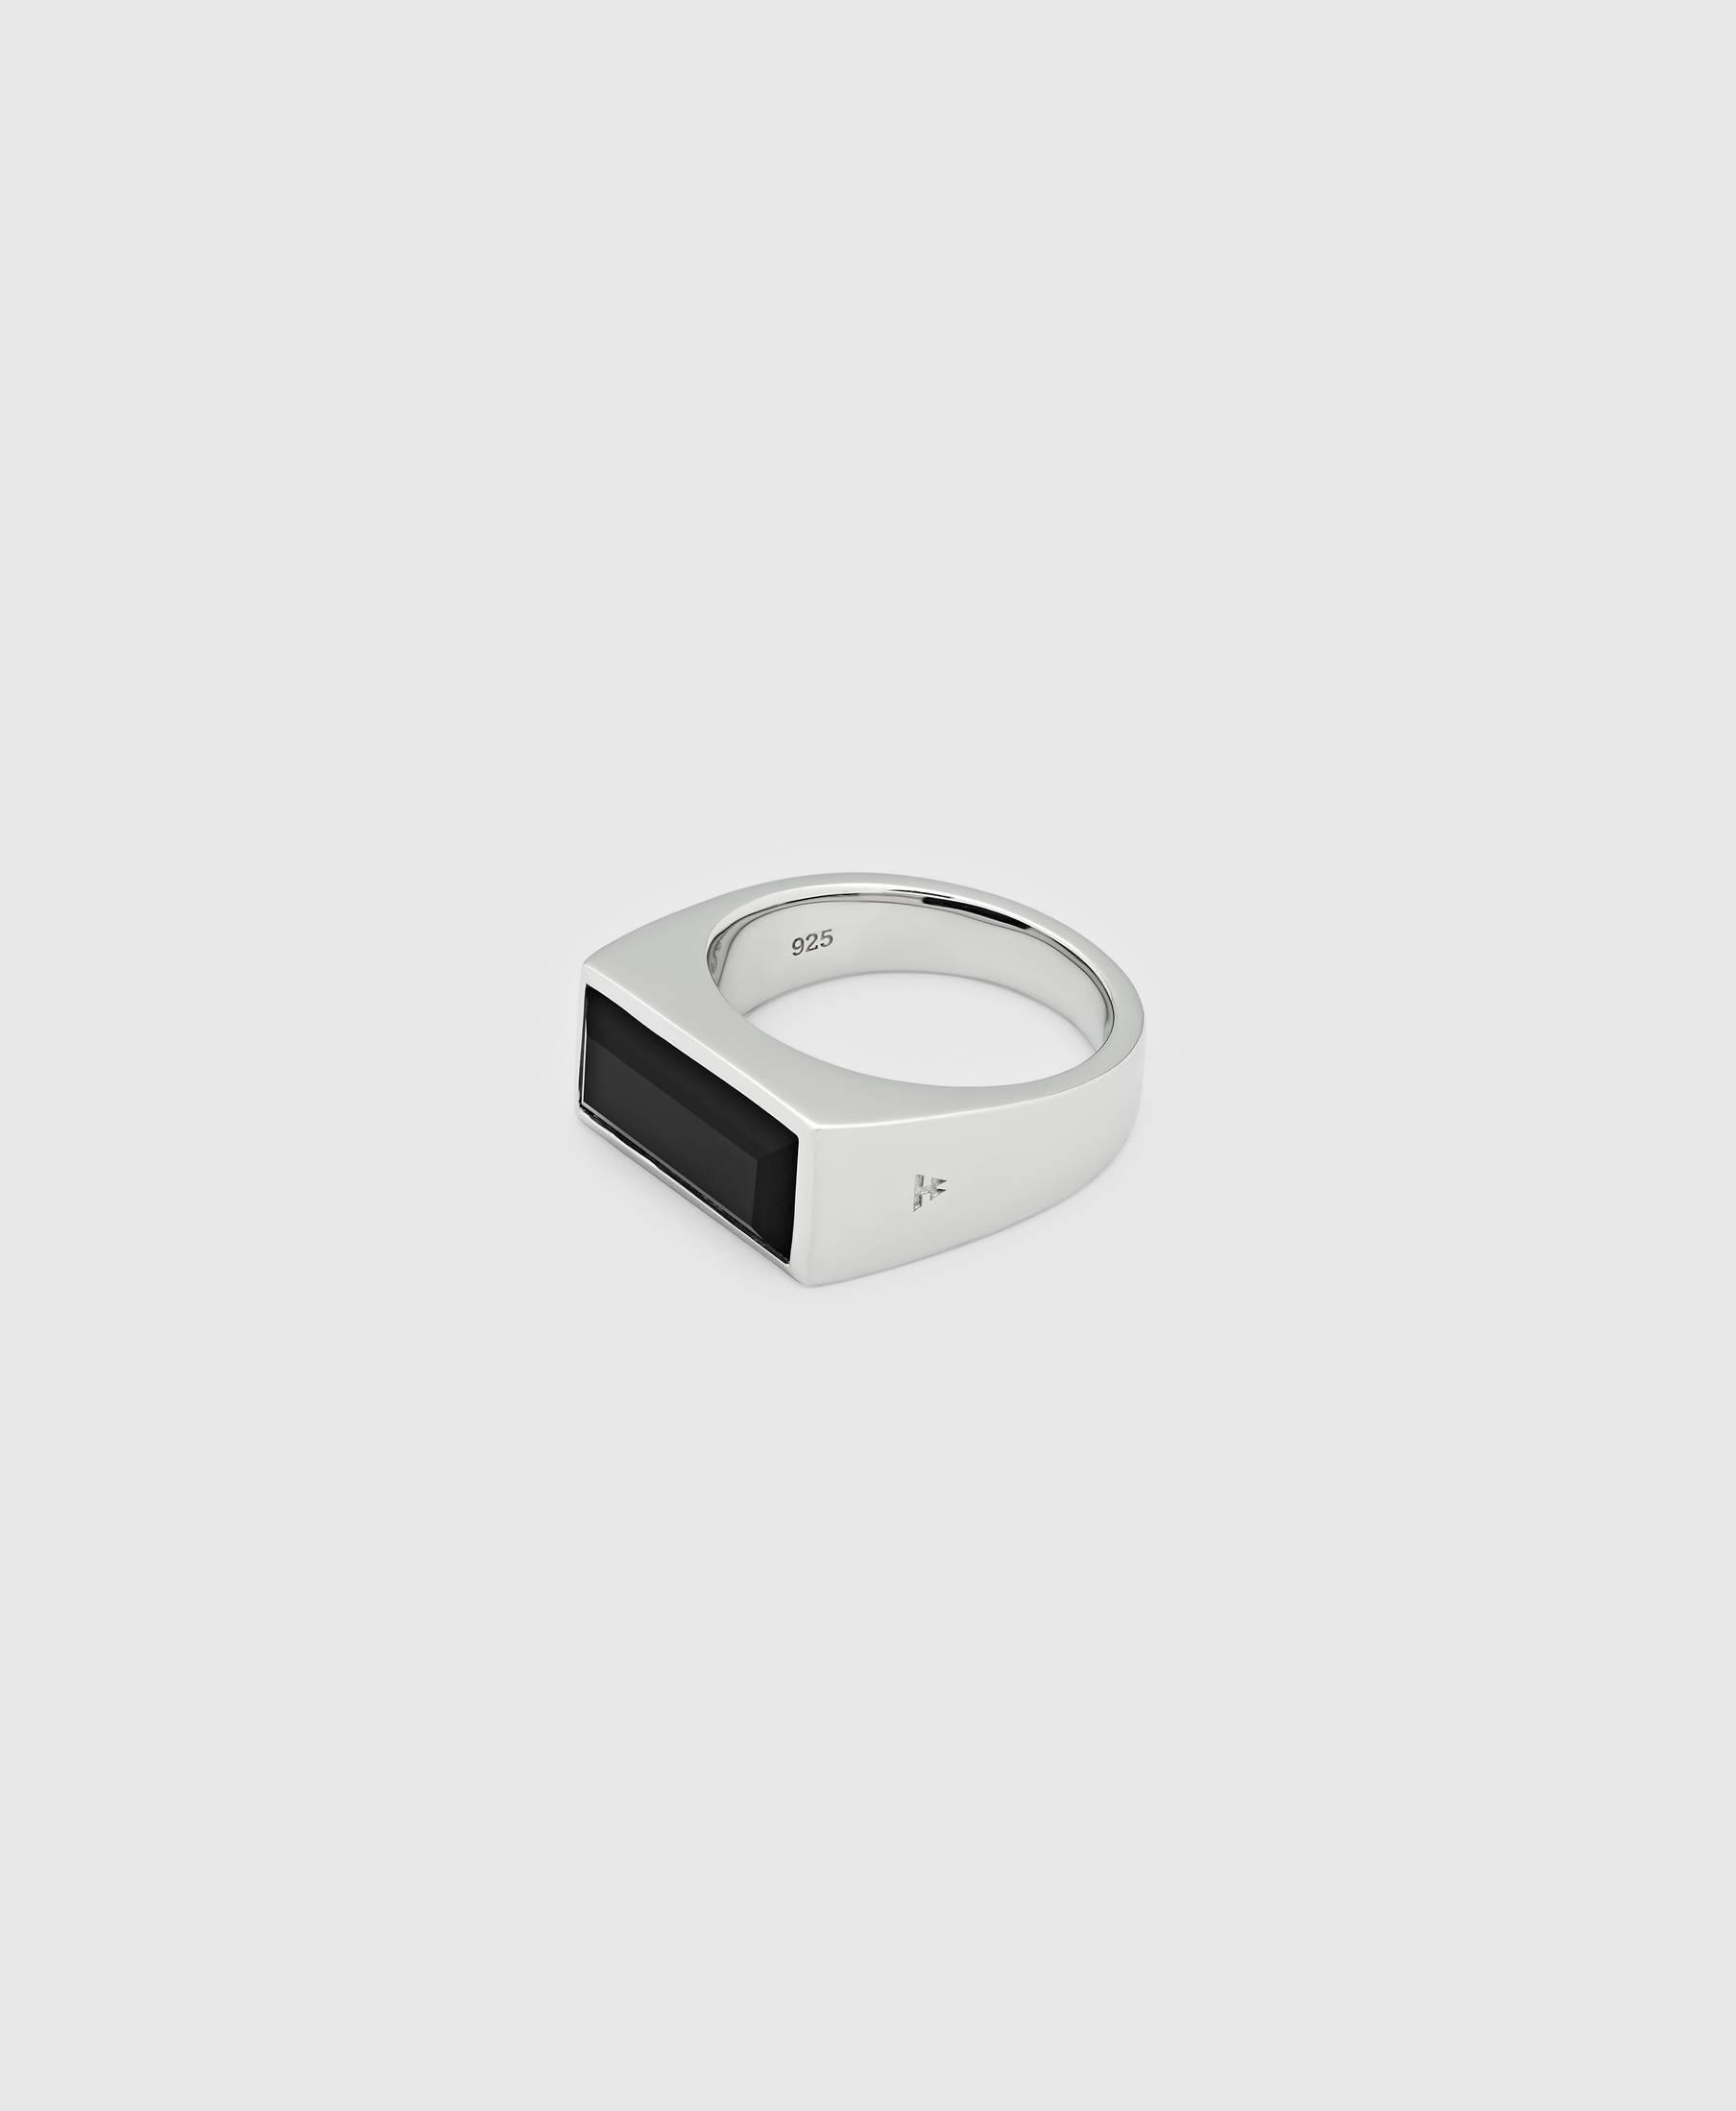 Peaky Ring Polished Onyx